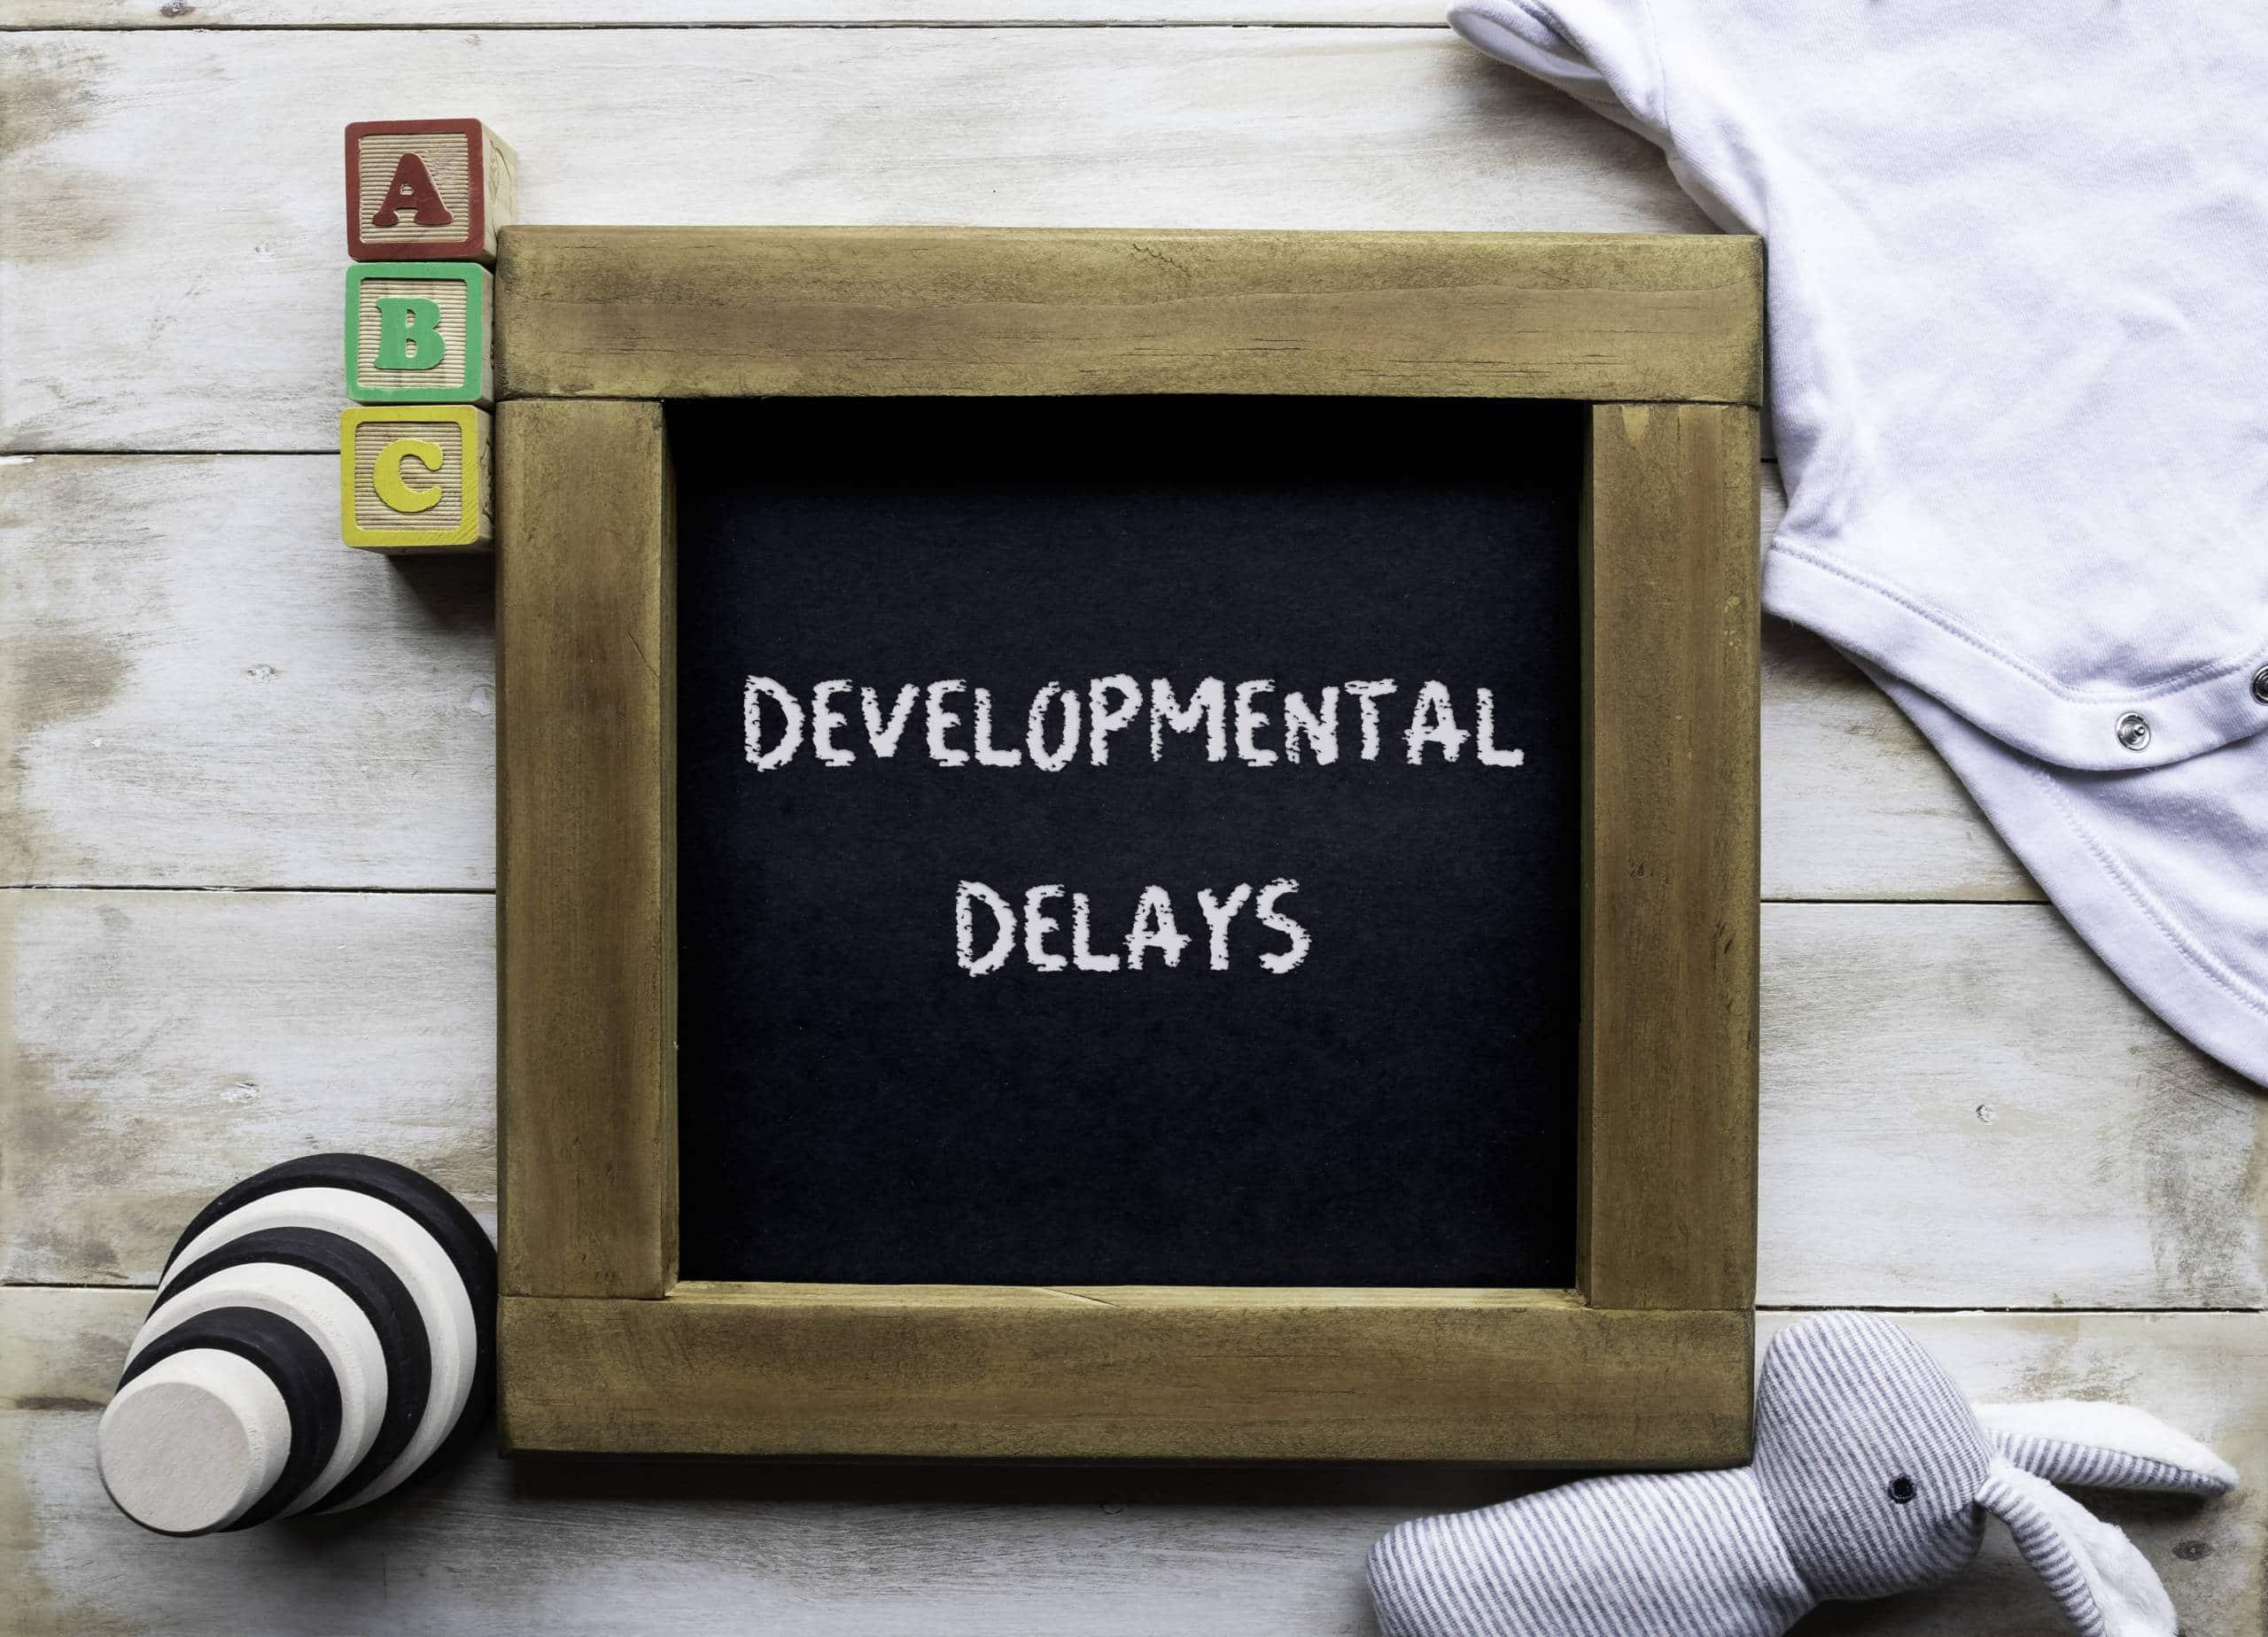 Development Delays on Blackboard